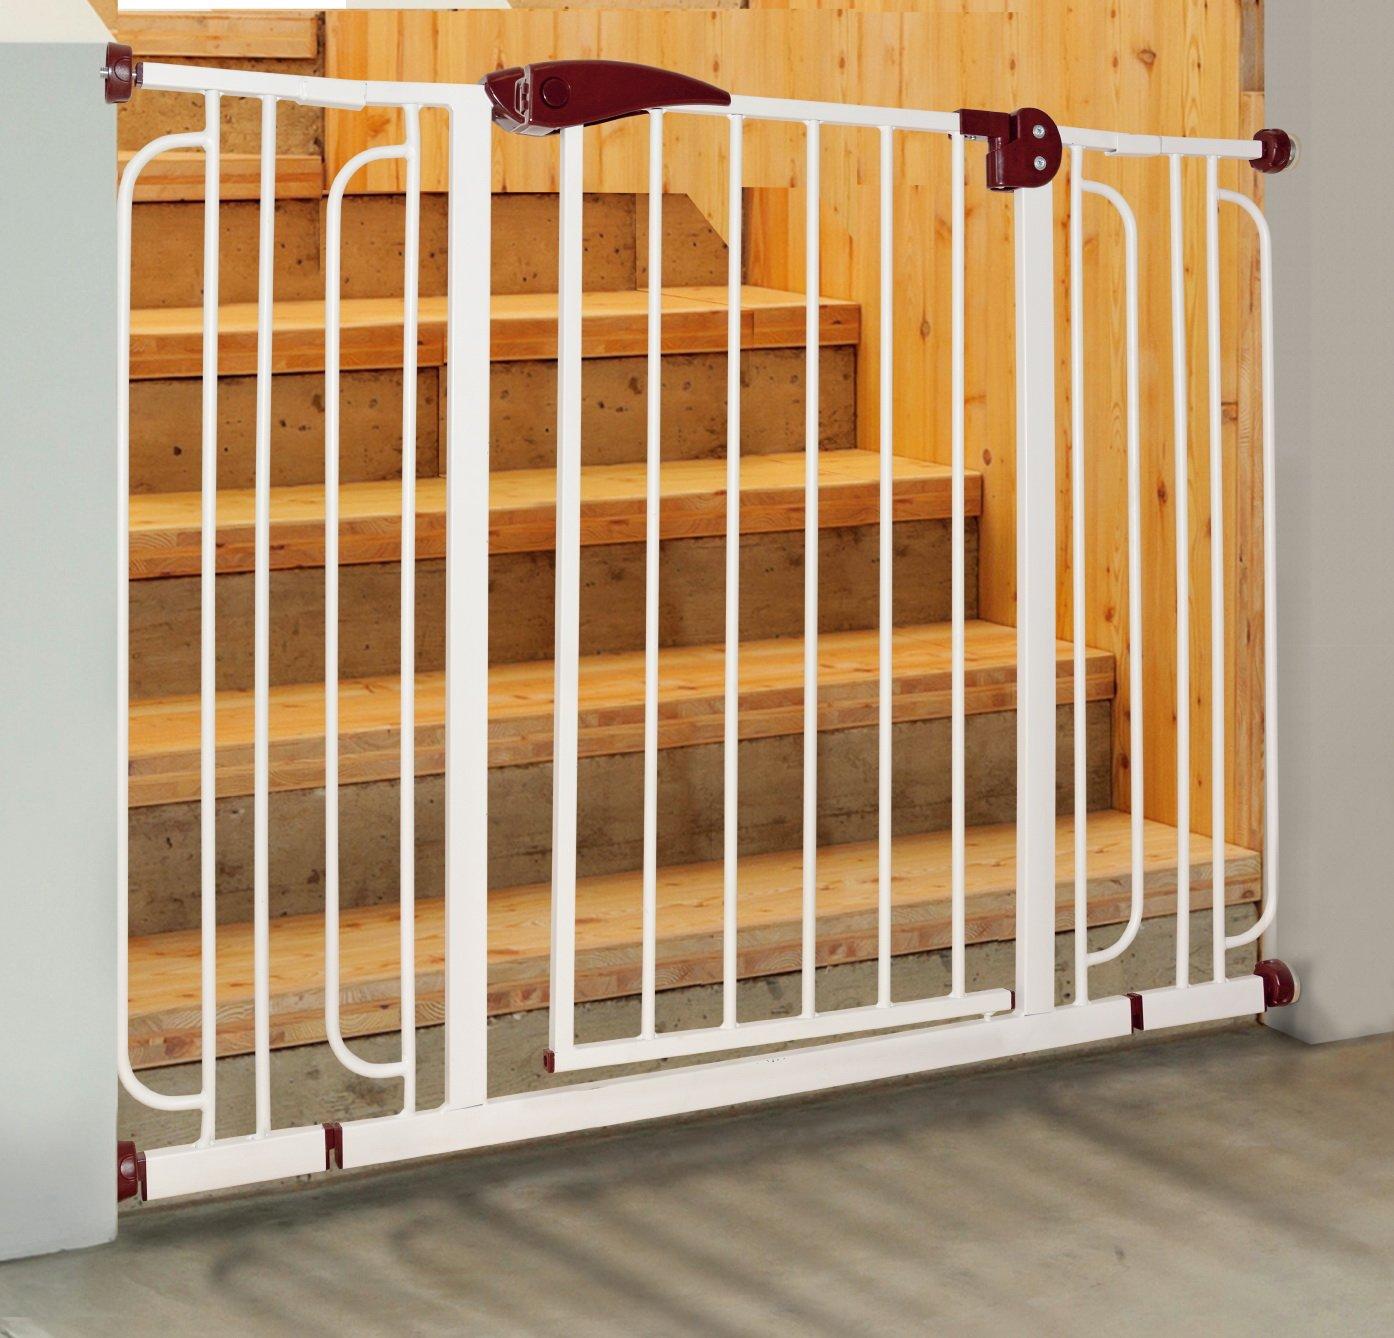 PAWISE 12551 Barrera Puerta Protección para escaleras para Perros Dog Safety, 76 x 84 cm: Amazon.es: Productos para mascotas